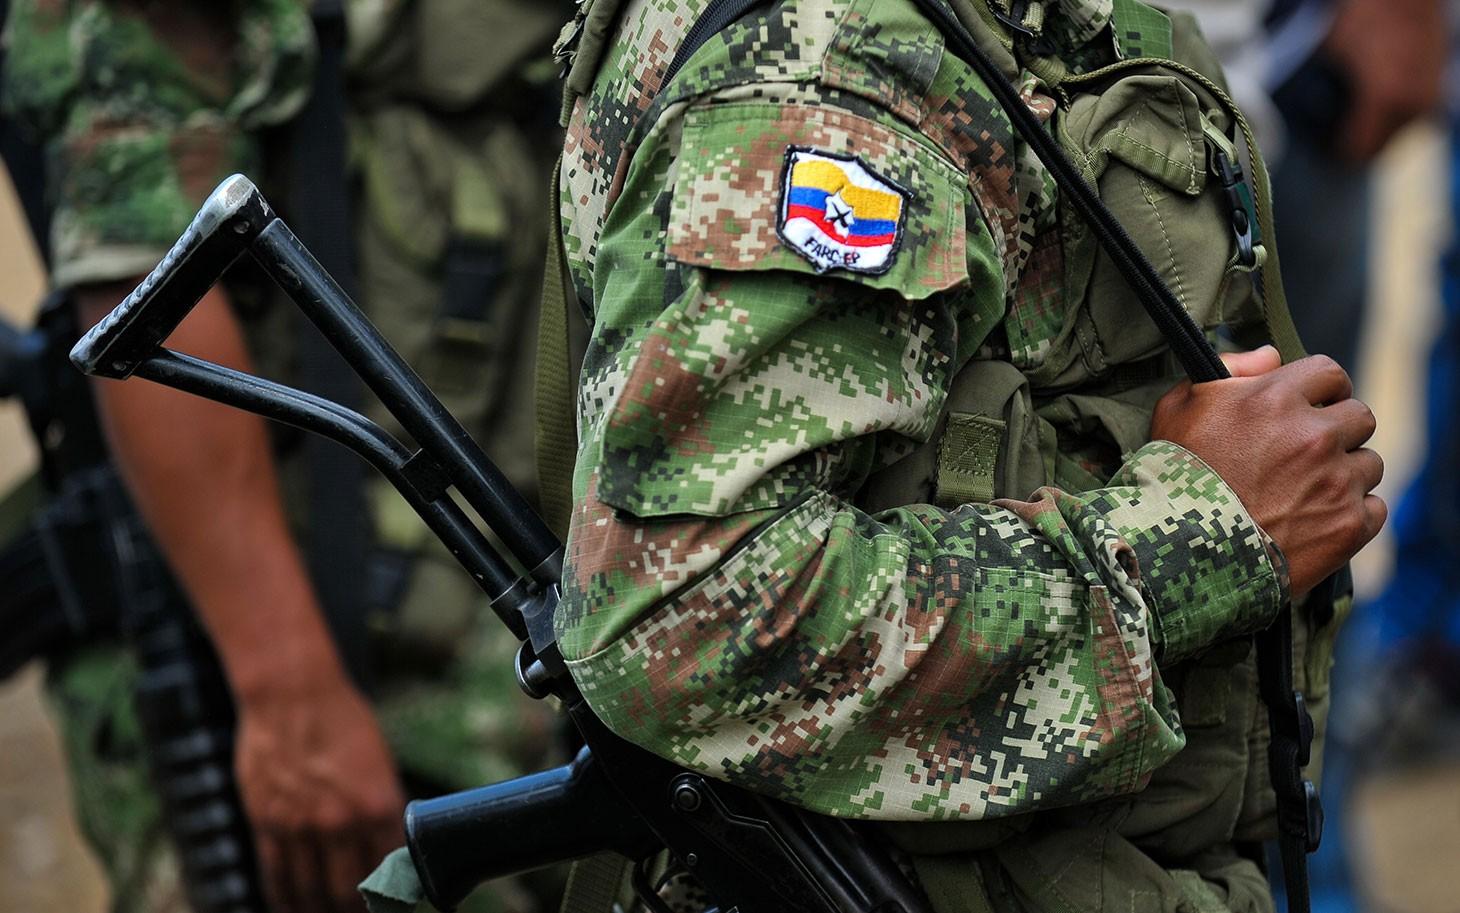 ВКолумбии вступило всилу перемирие властей сФАРК